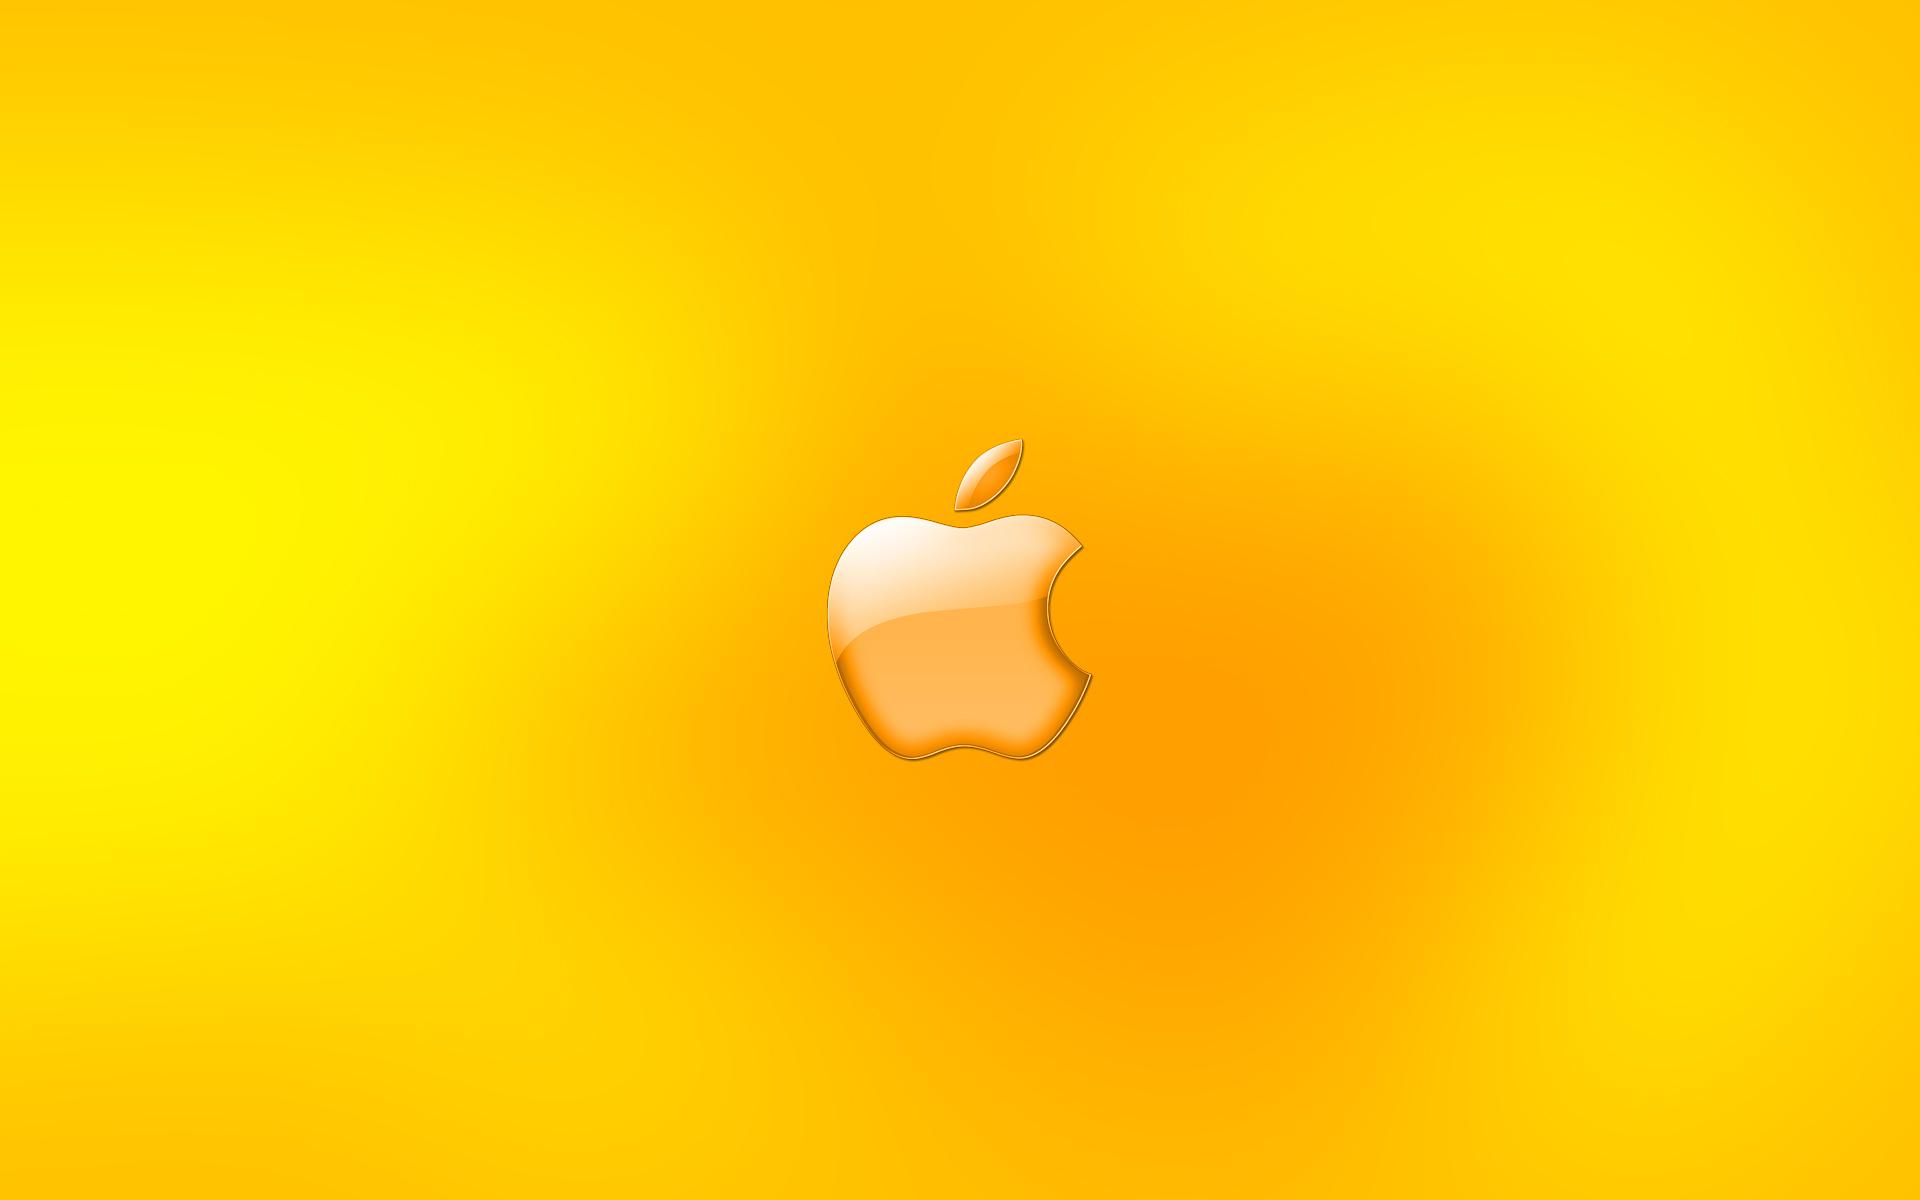 gold apple wallpaper, скачать фото, обои для рабочего стола